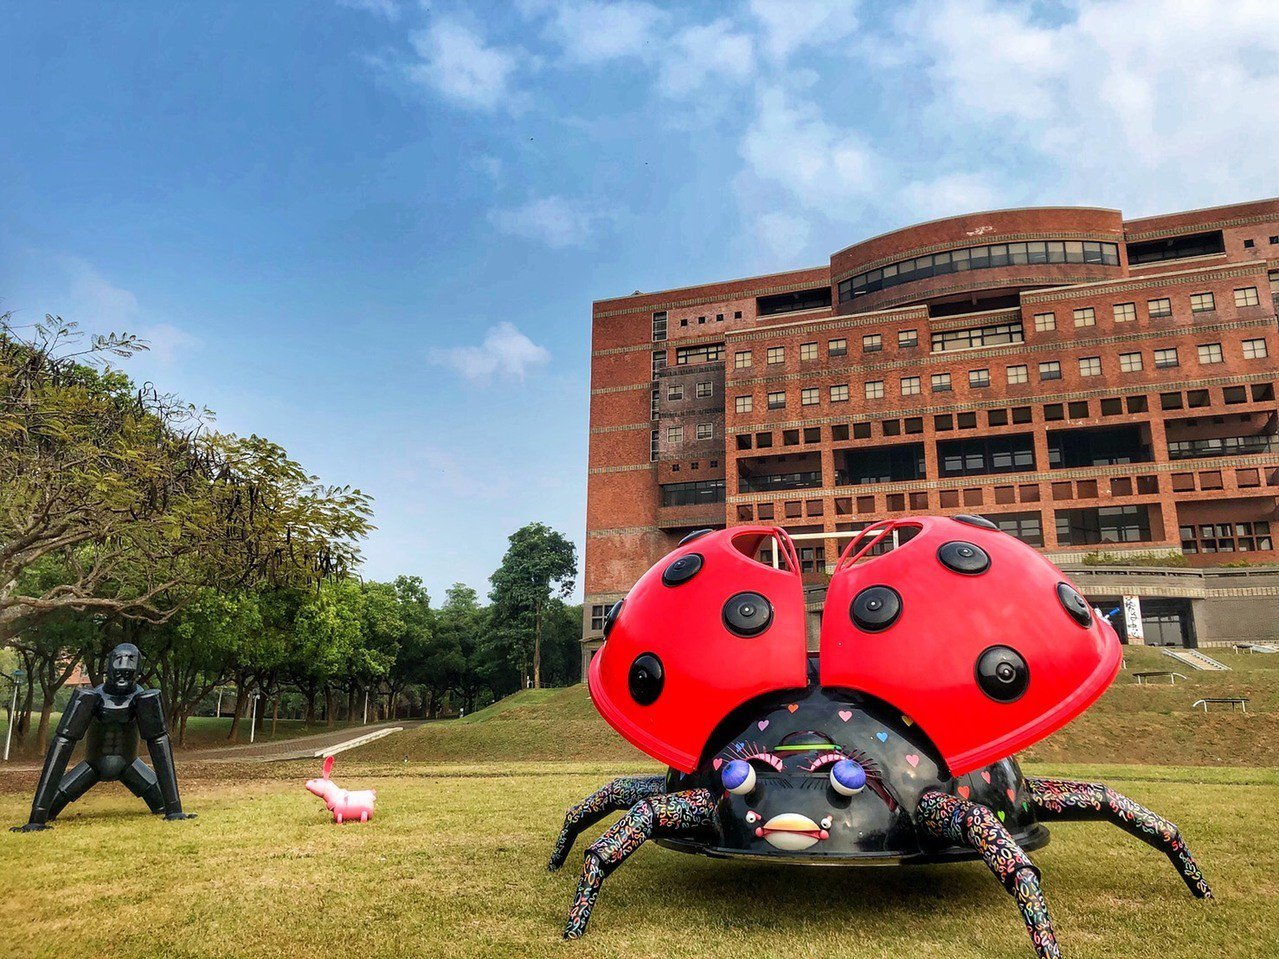 大瓢蟲高300公分,用水塔等廢棄鐵件製成。記者謝恩得/攝影